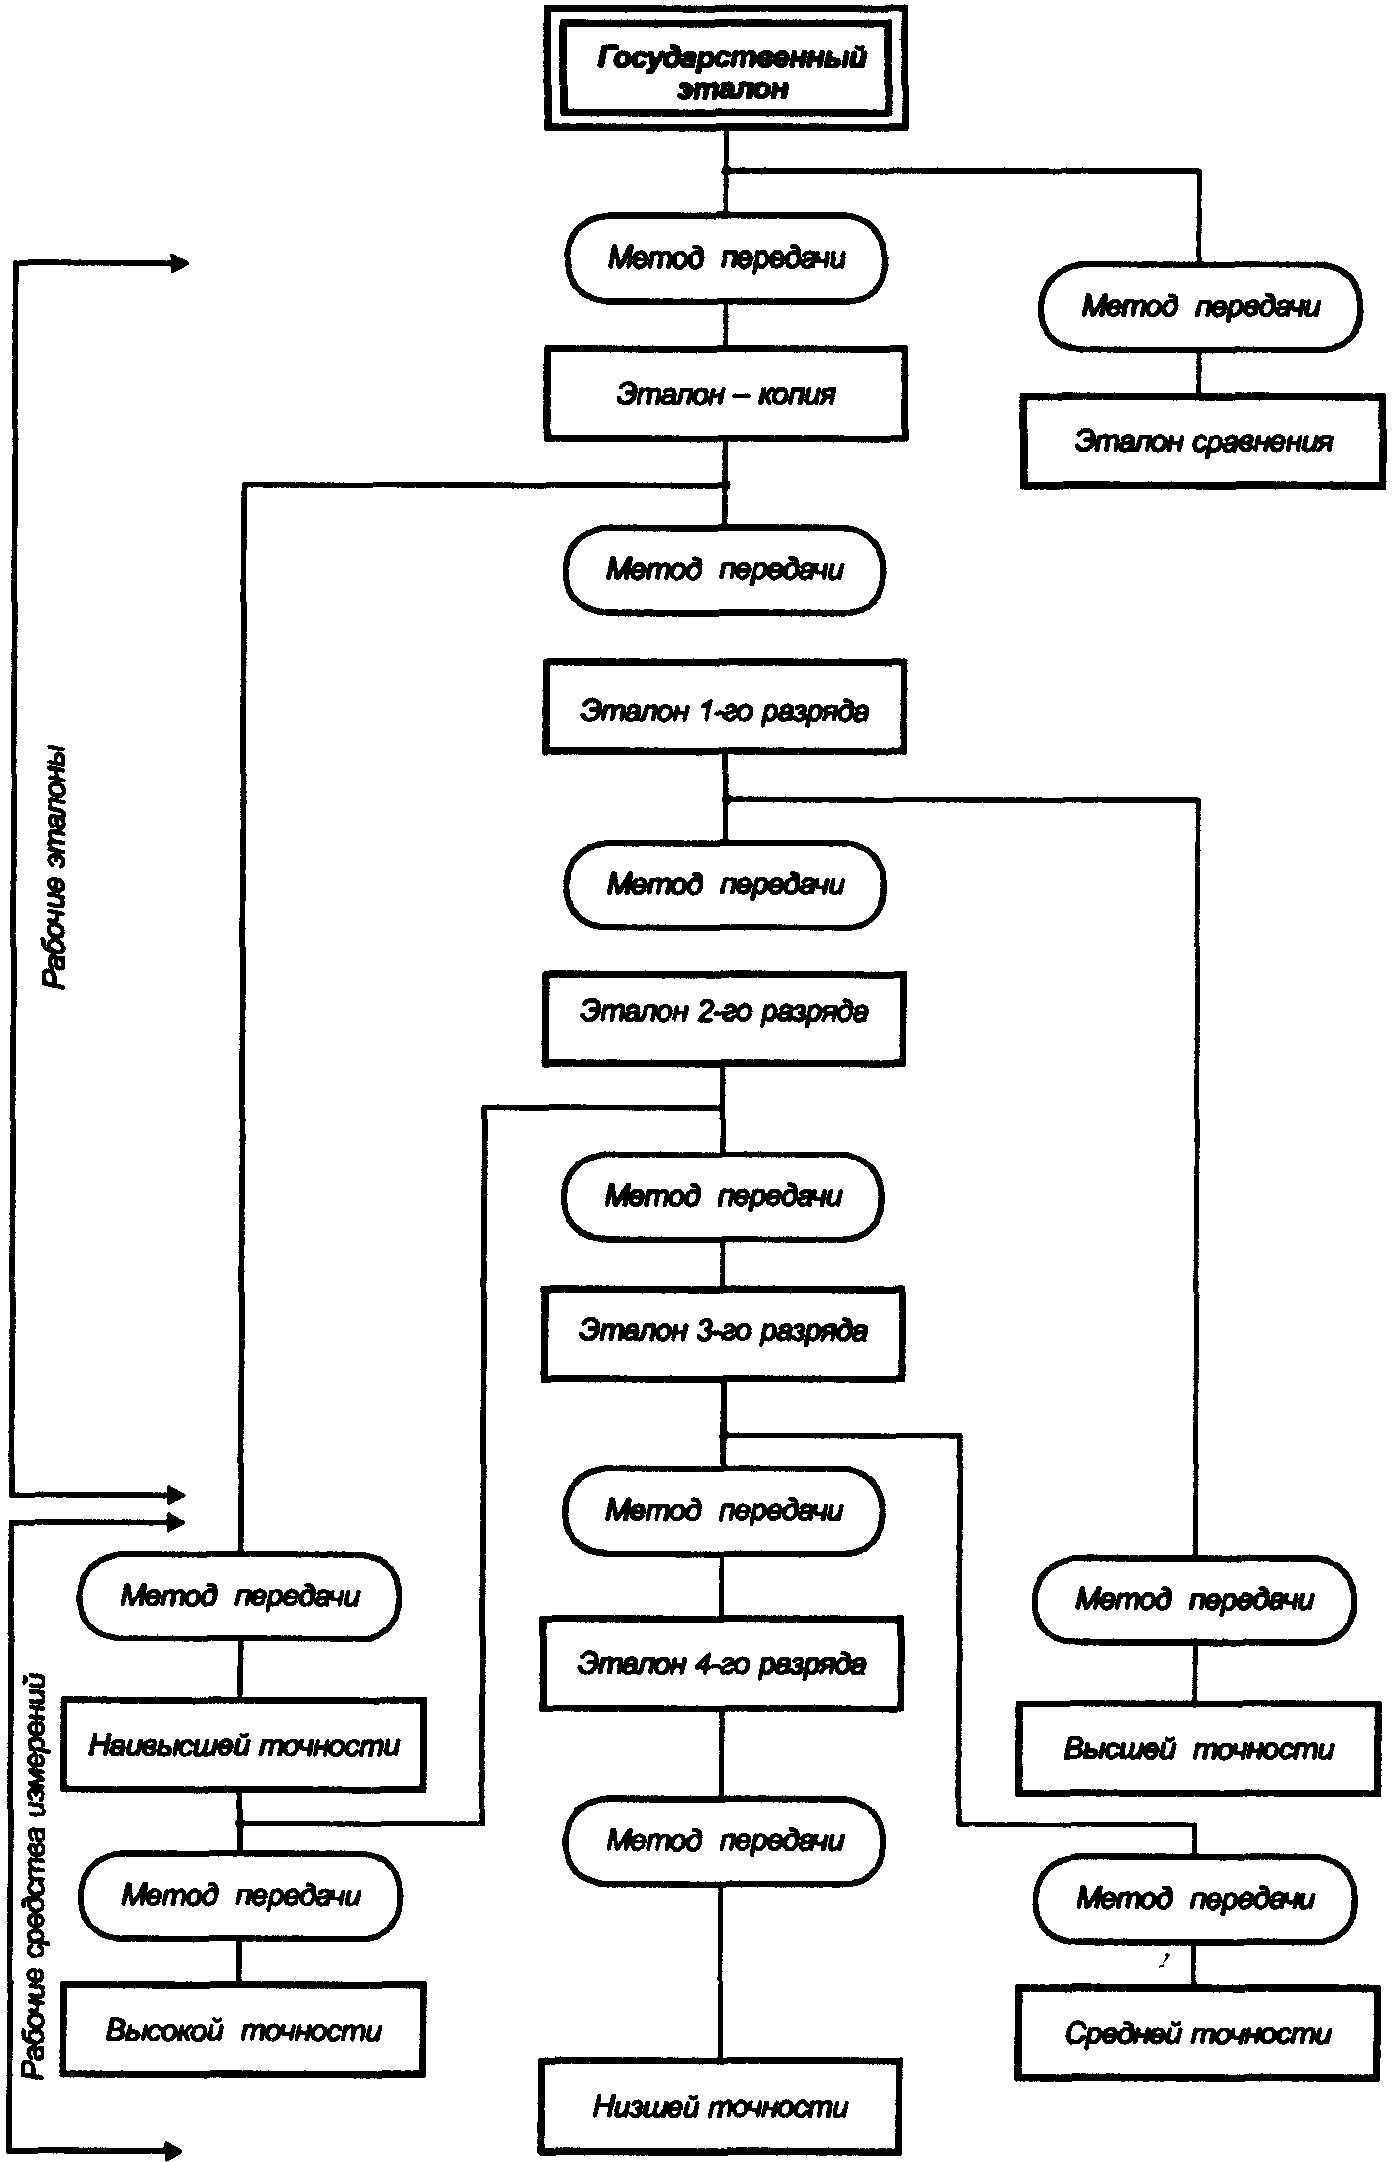 Схема поверки средств измерений